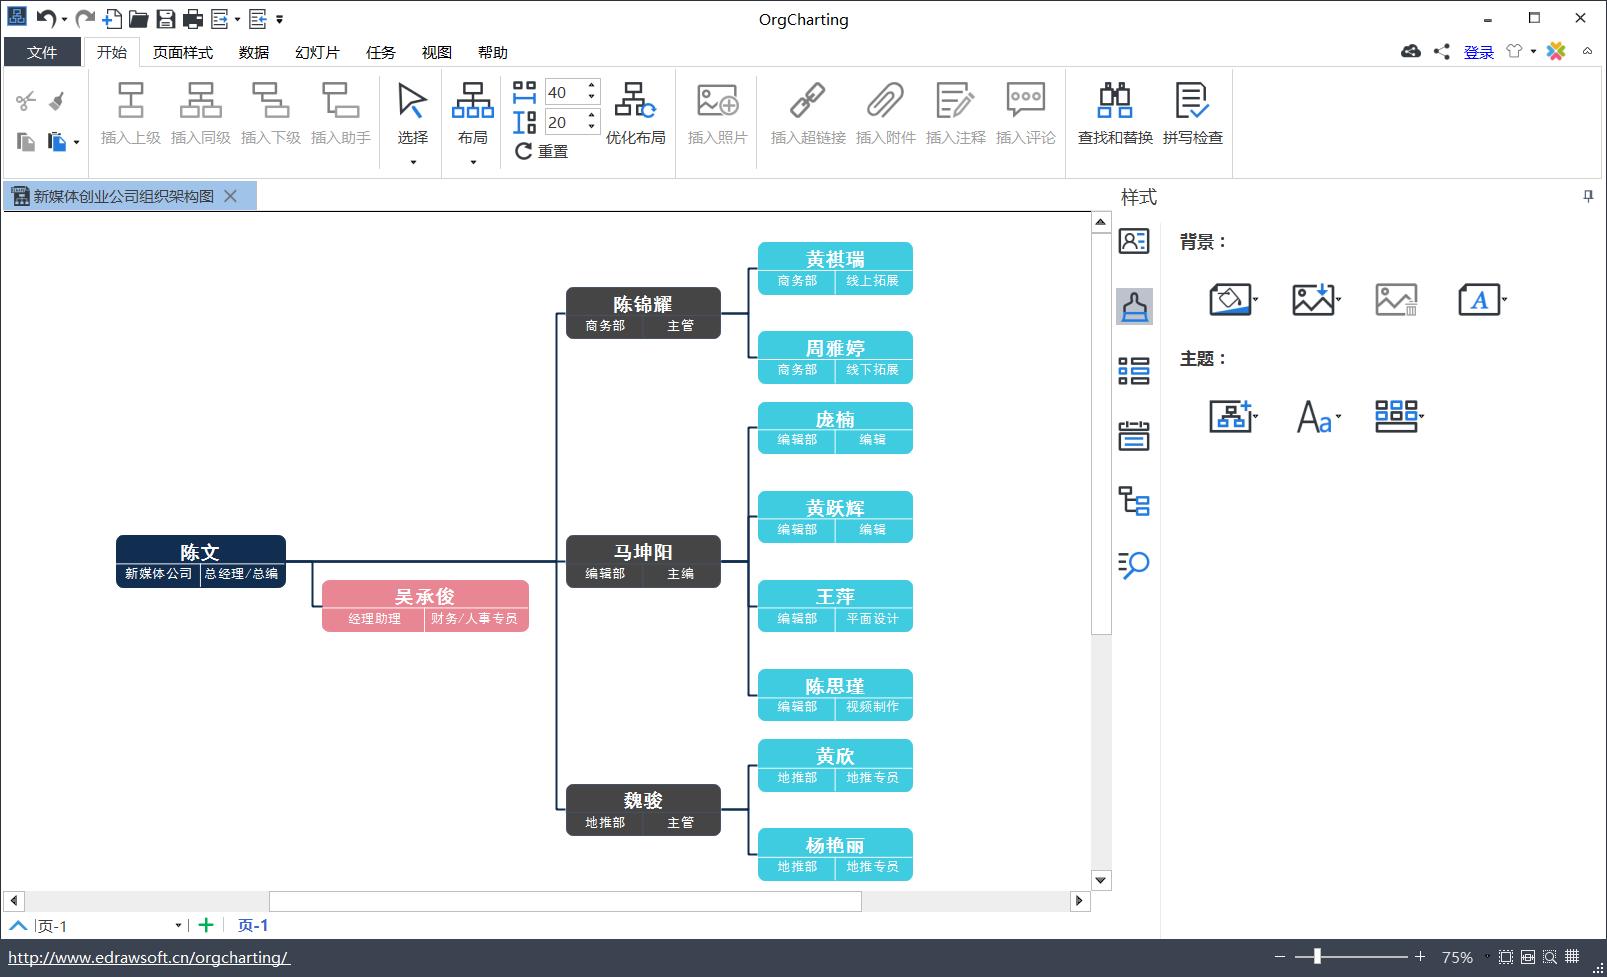 组织架构图布局